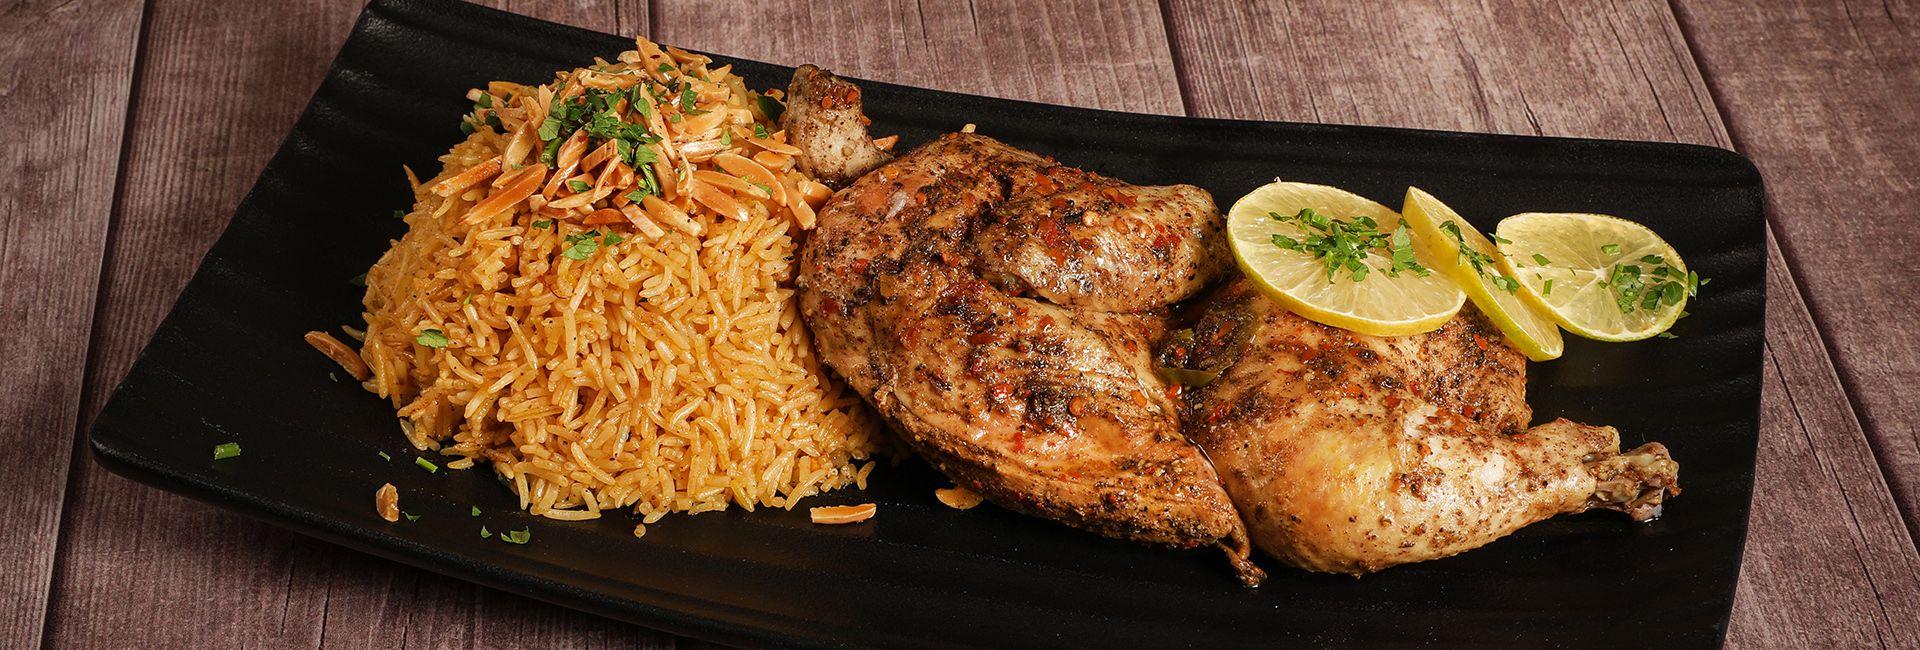 Thưởng thức cơm gà Nha Trang, ăn liền tù tì mãi không thấy ngán